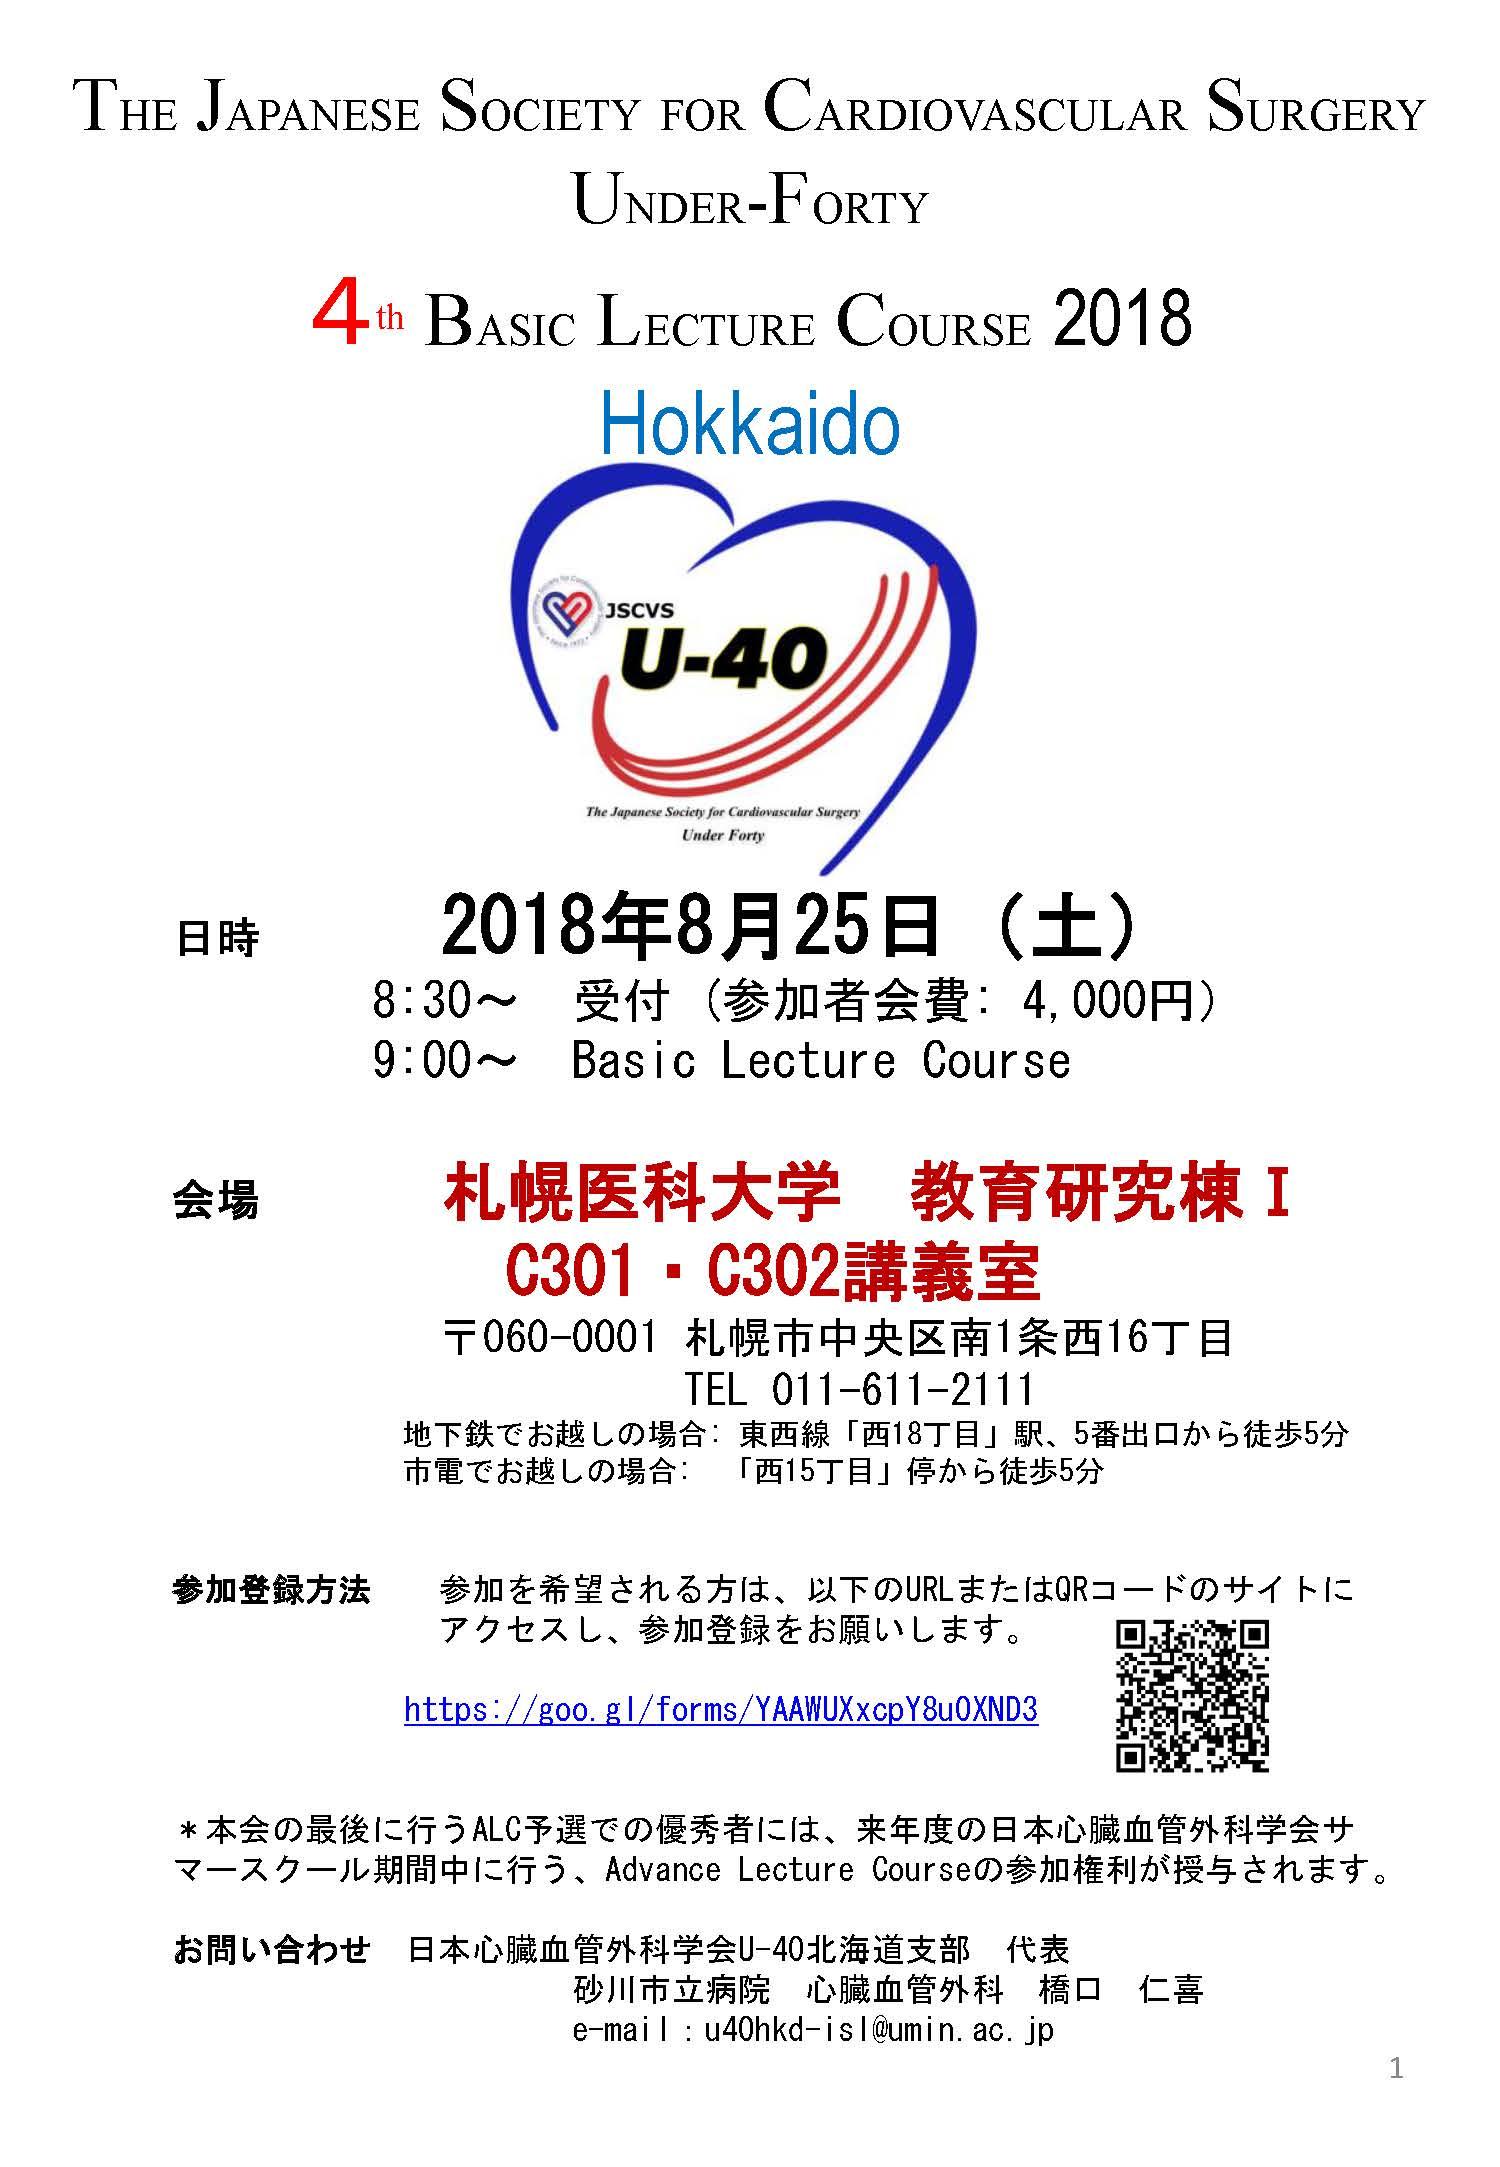 8月25日 第4回 U-40北海道支部Basic Lecture Course